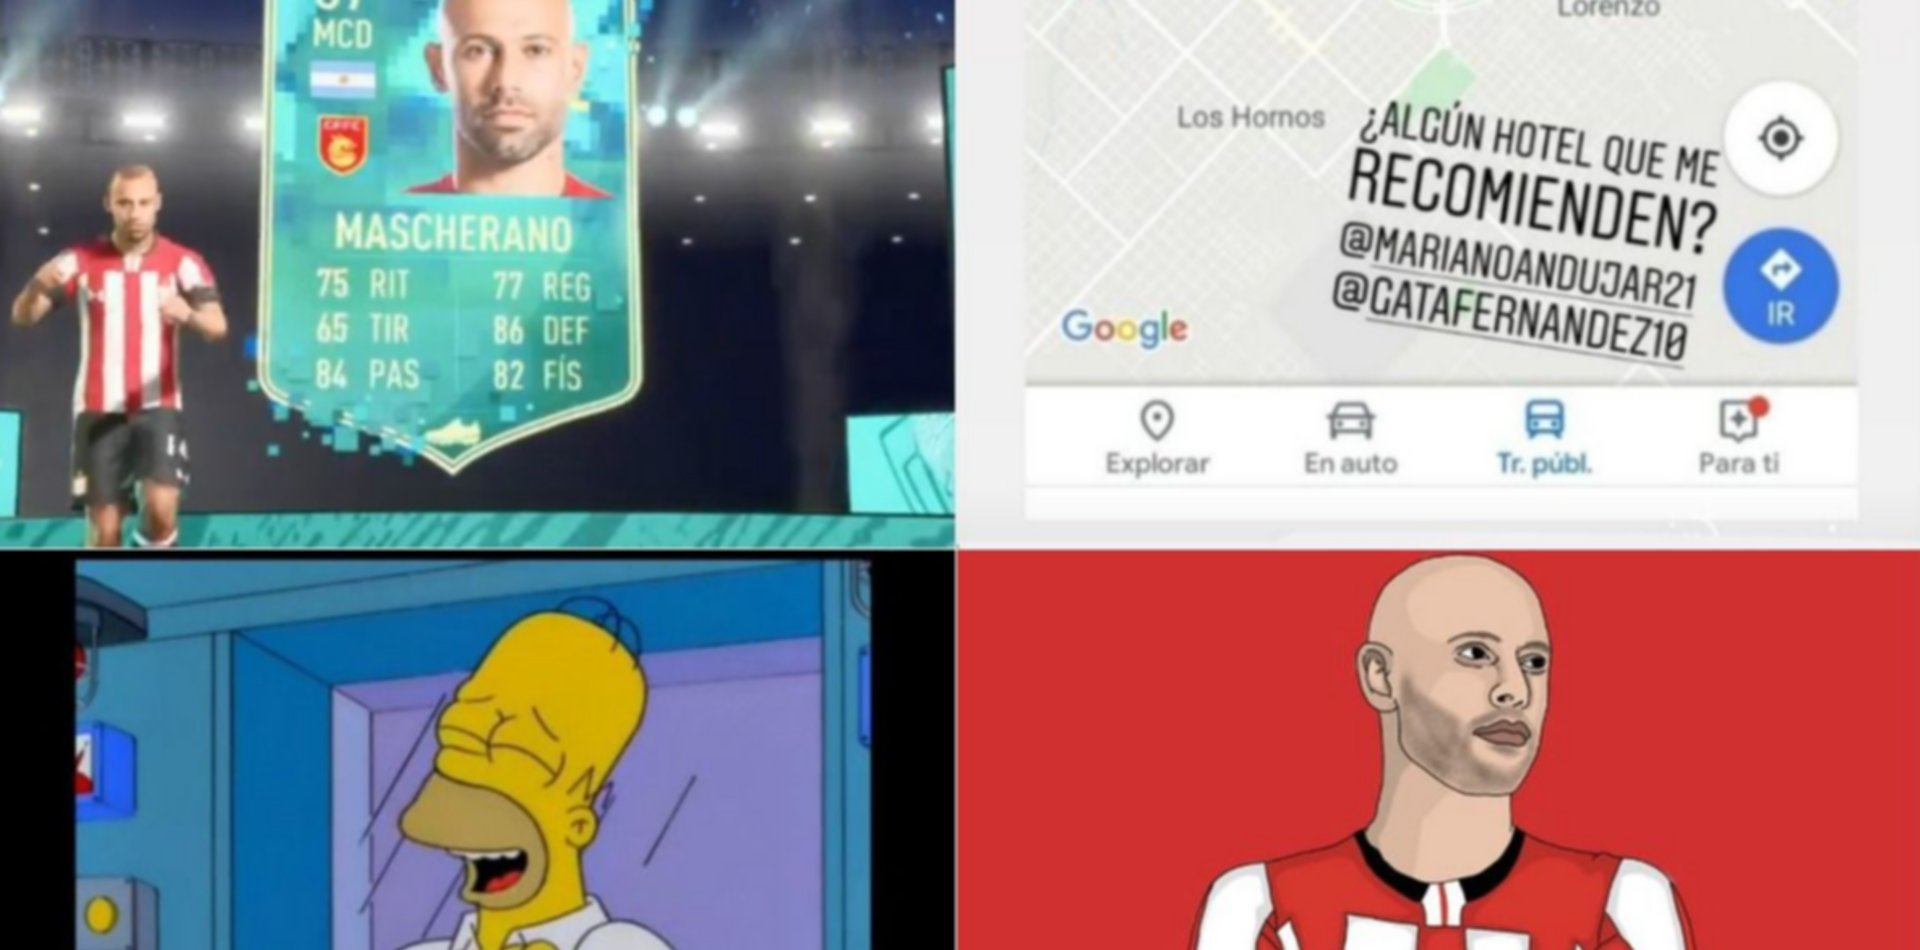 Los increíbles memes por la llegada de Mascherano a Estudiantes